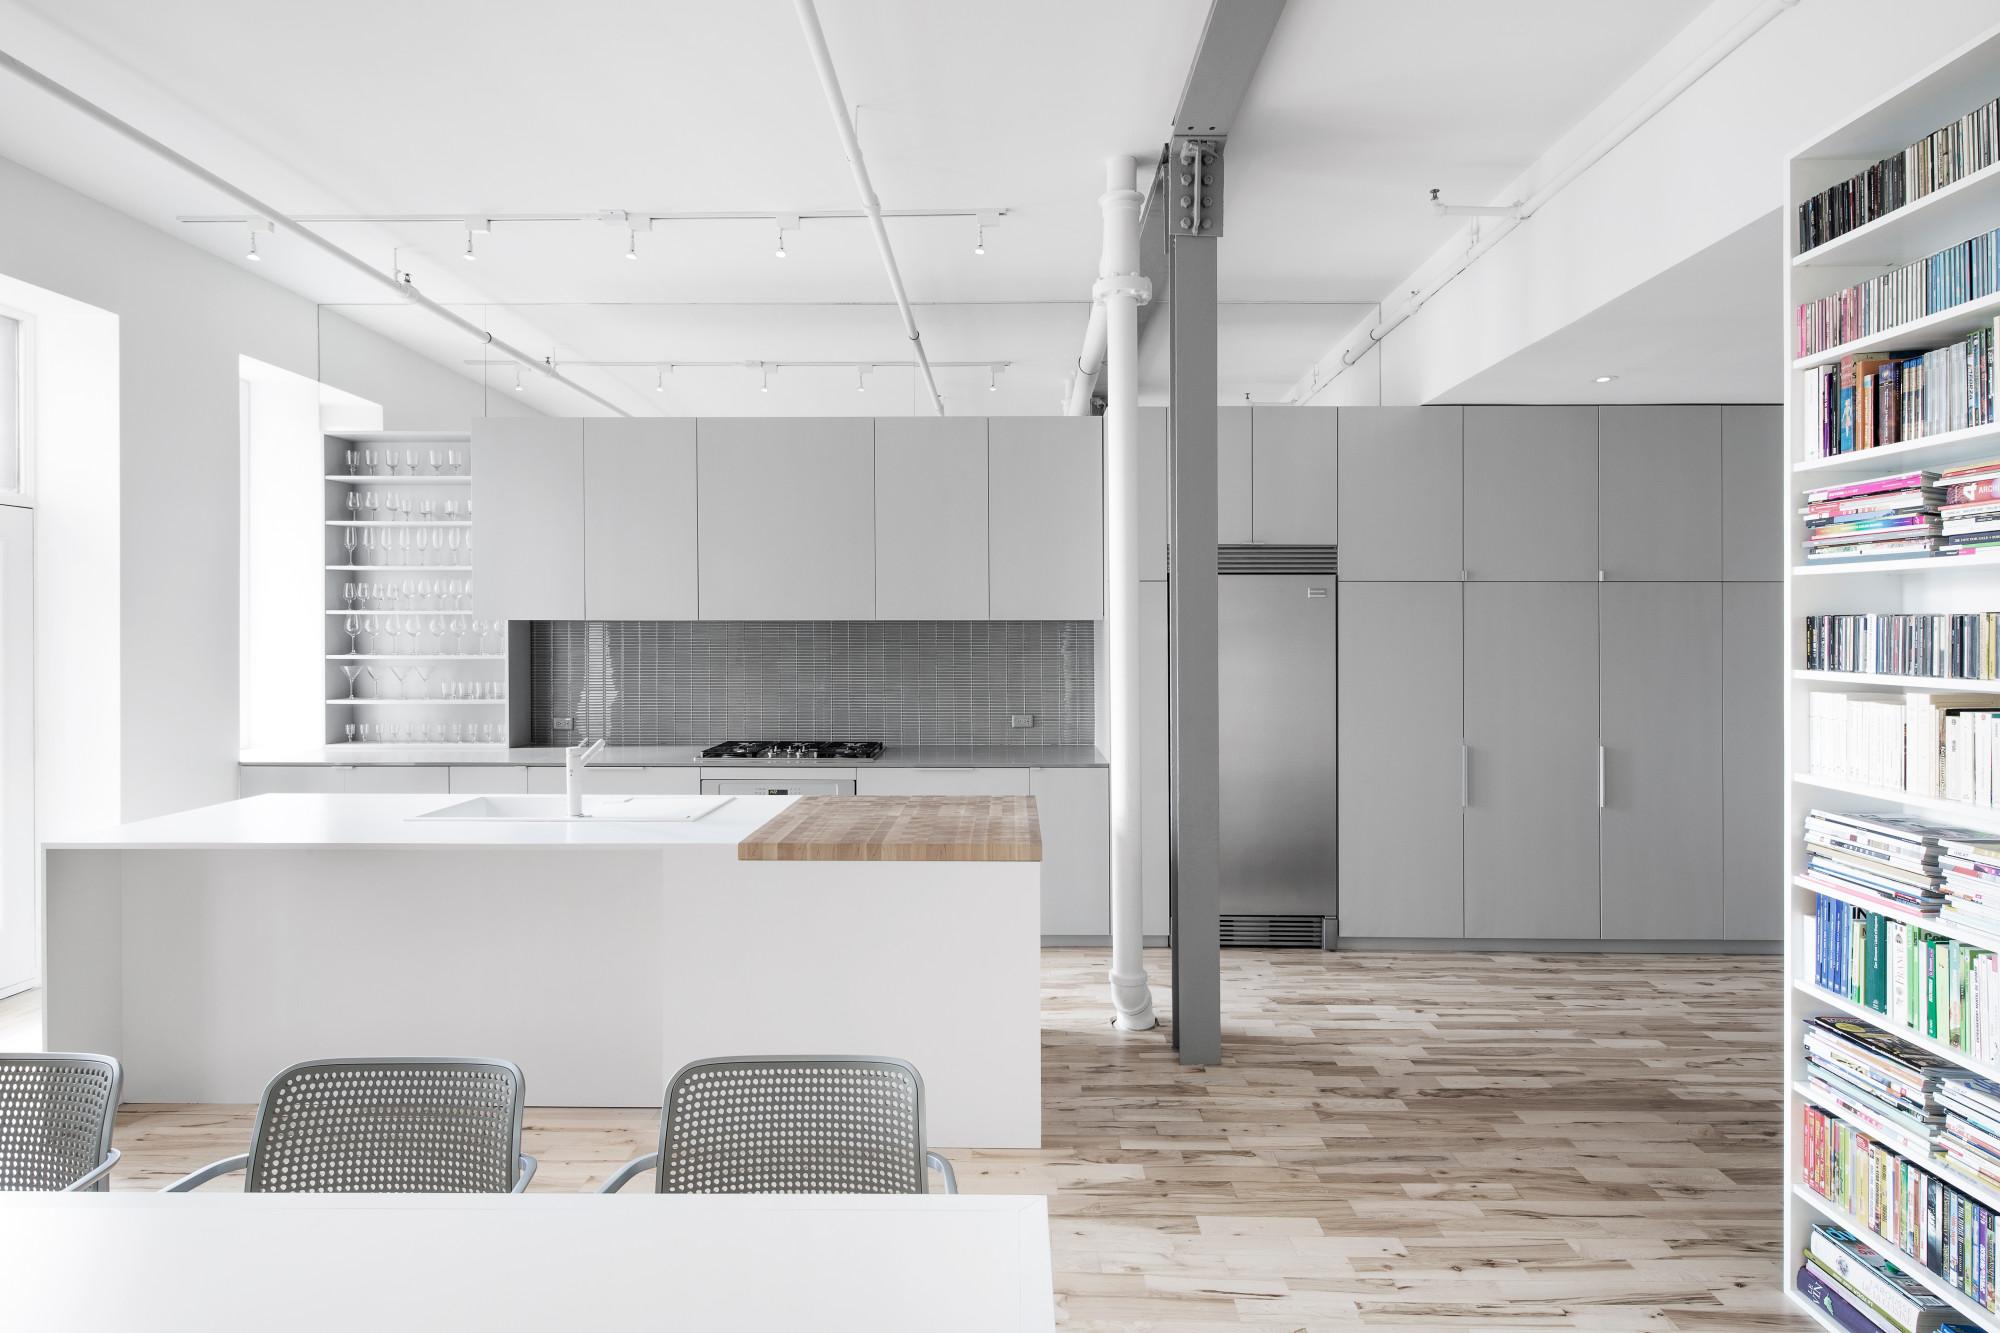 Küche Wohnzimmer Durchbruch Neu Wohnzimmer Offene Küche Wohnzimmer